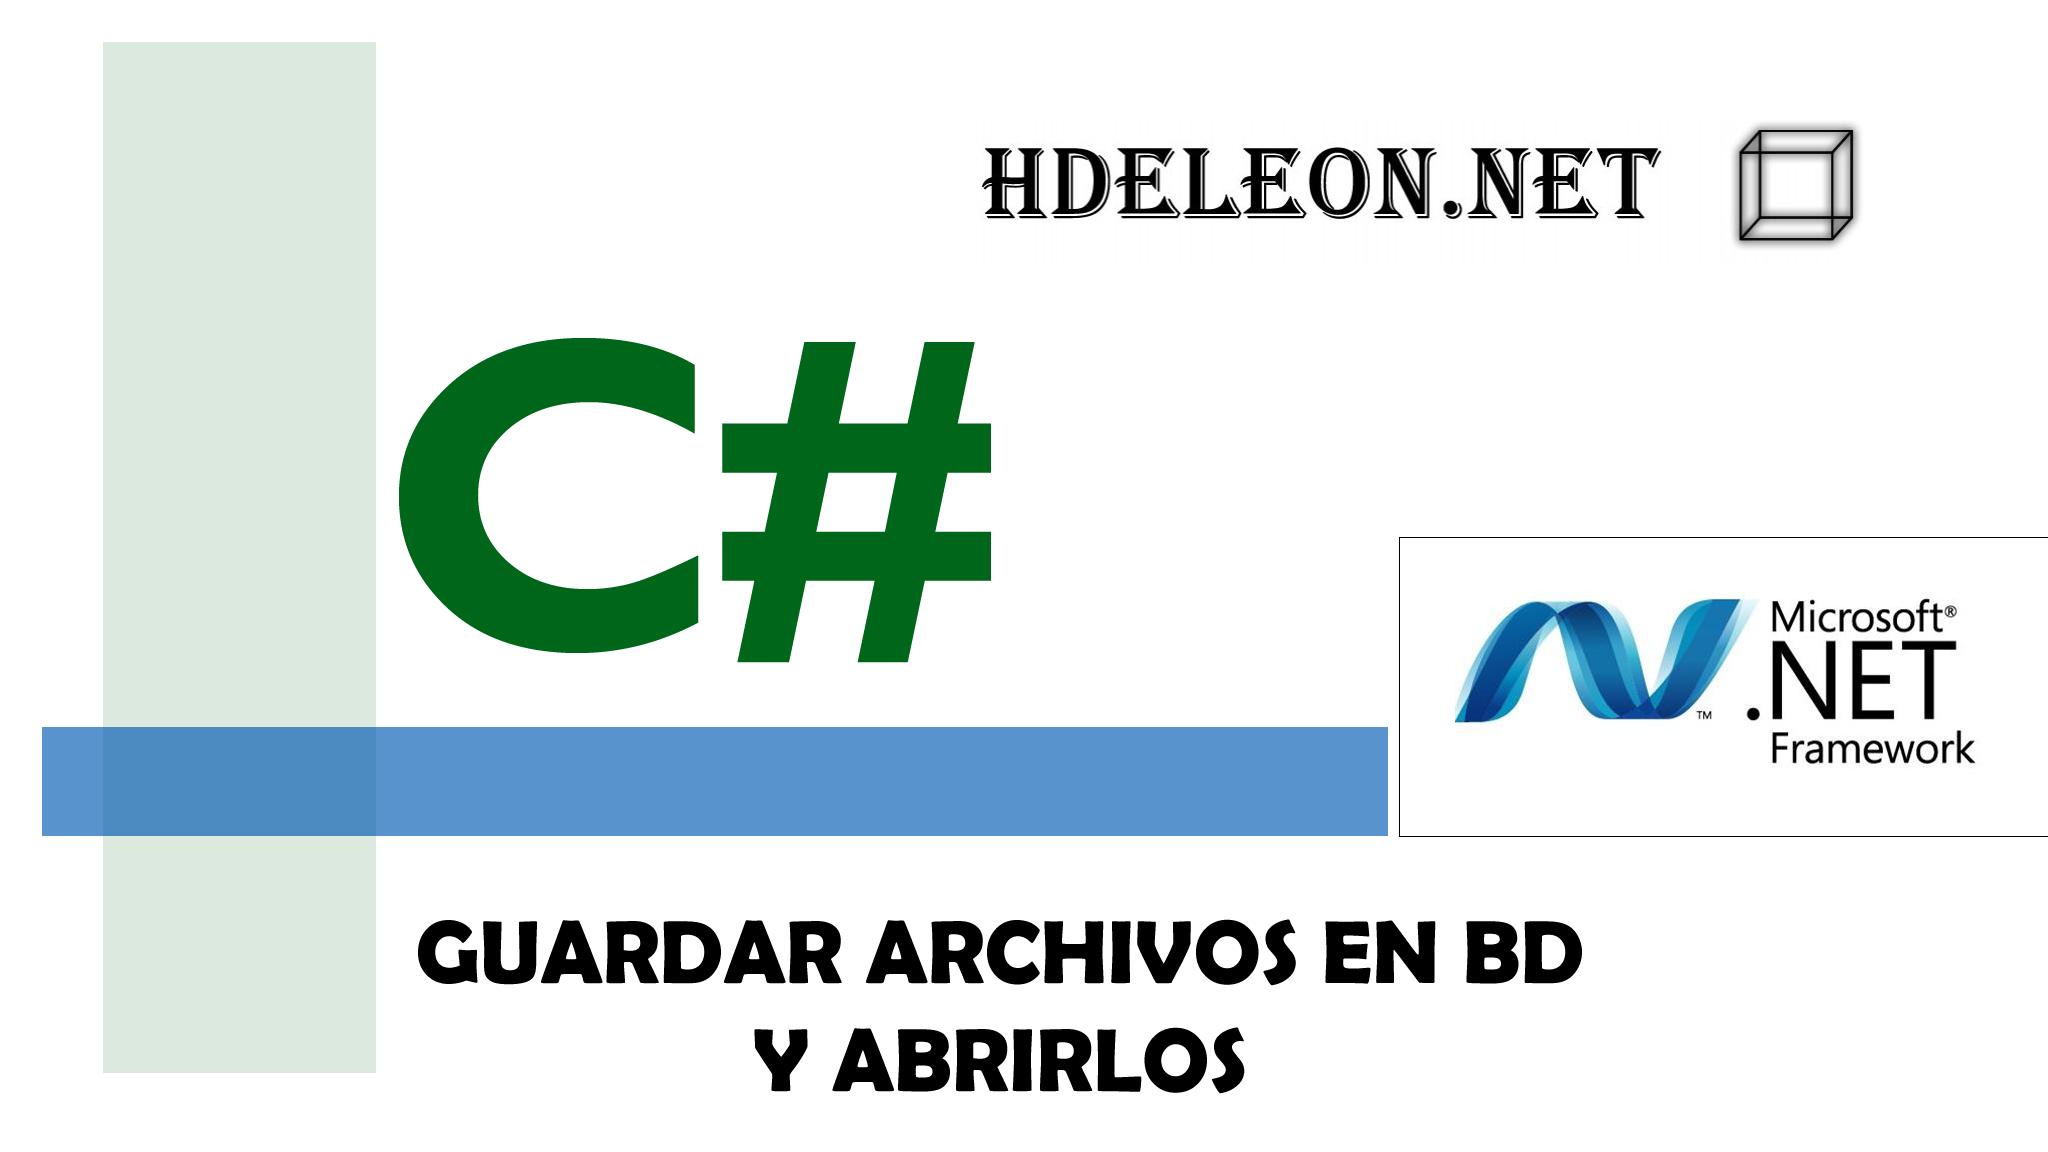 ¿Como guardar y abrir archivos en SQL Server con C# .Net?, Entity Framework